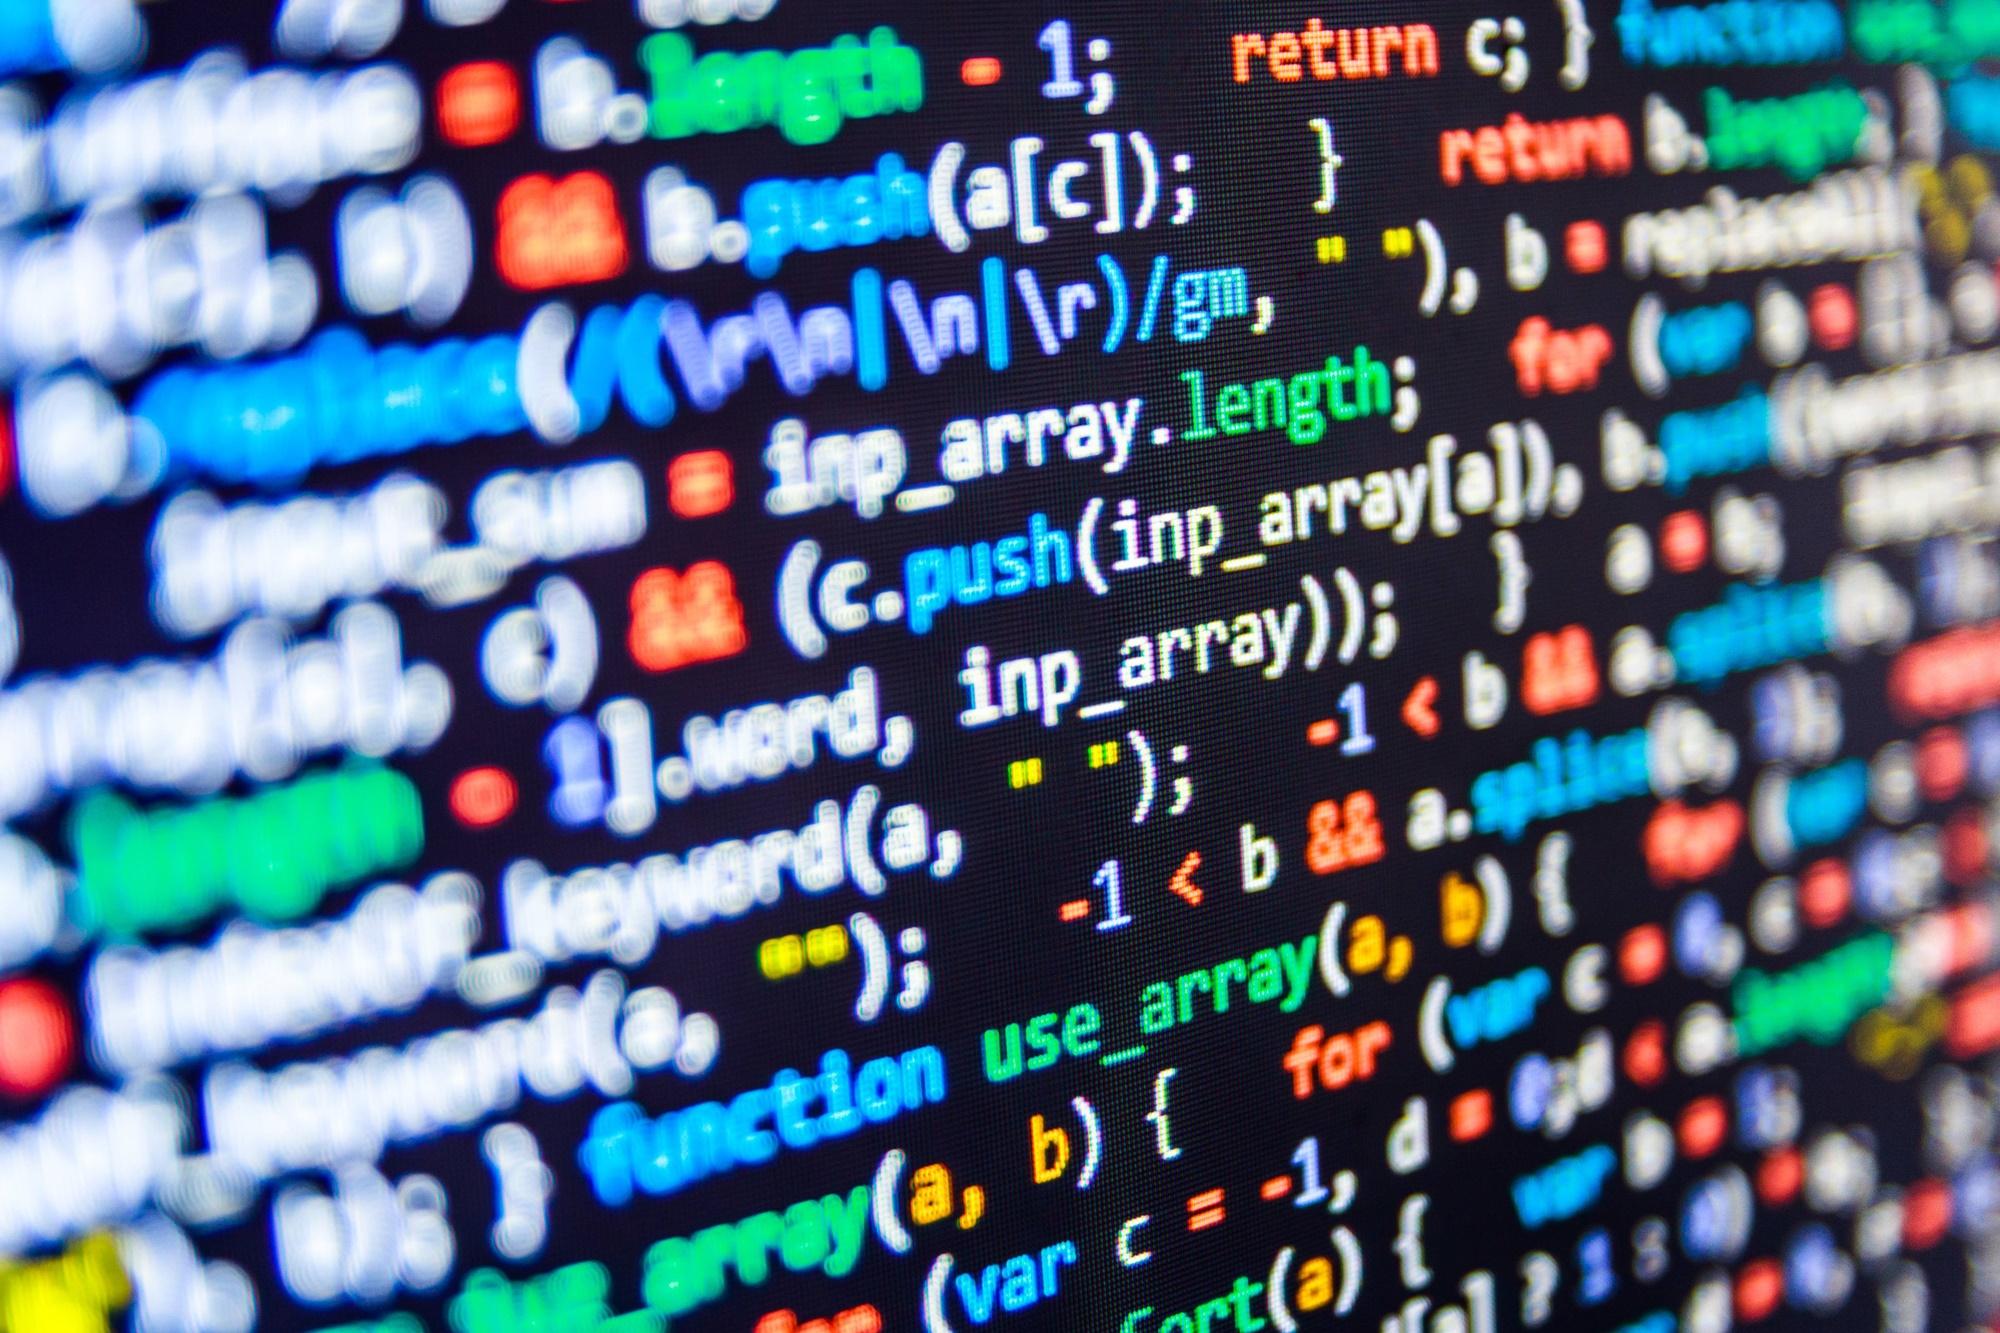 """Imagem de """"Cara, cadê a firma?"""": rapaz deleta empresa com uma linha de código errada no tecmundo"""